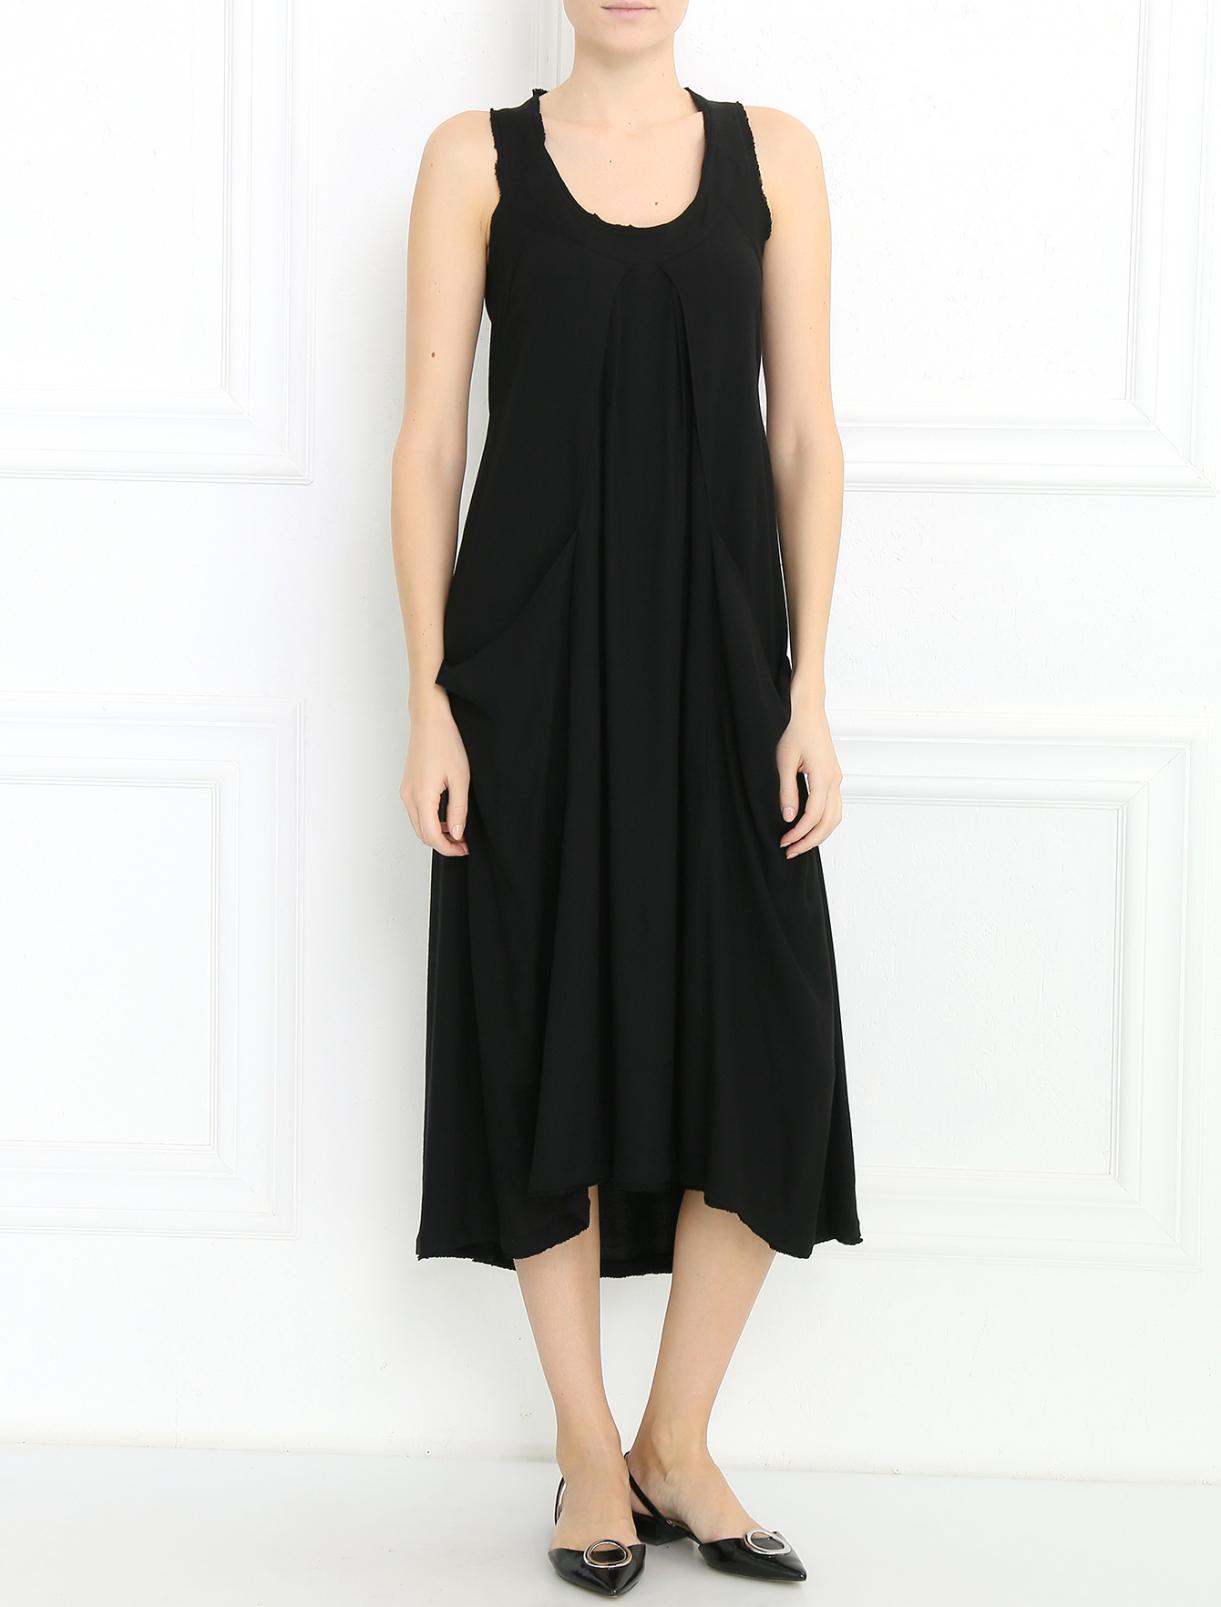 Платье из трикотажа с декоративной отделкой Donna Karan  –  Модель Общий вид